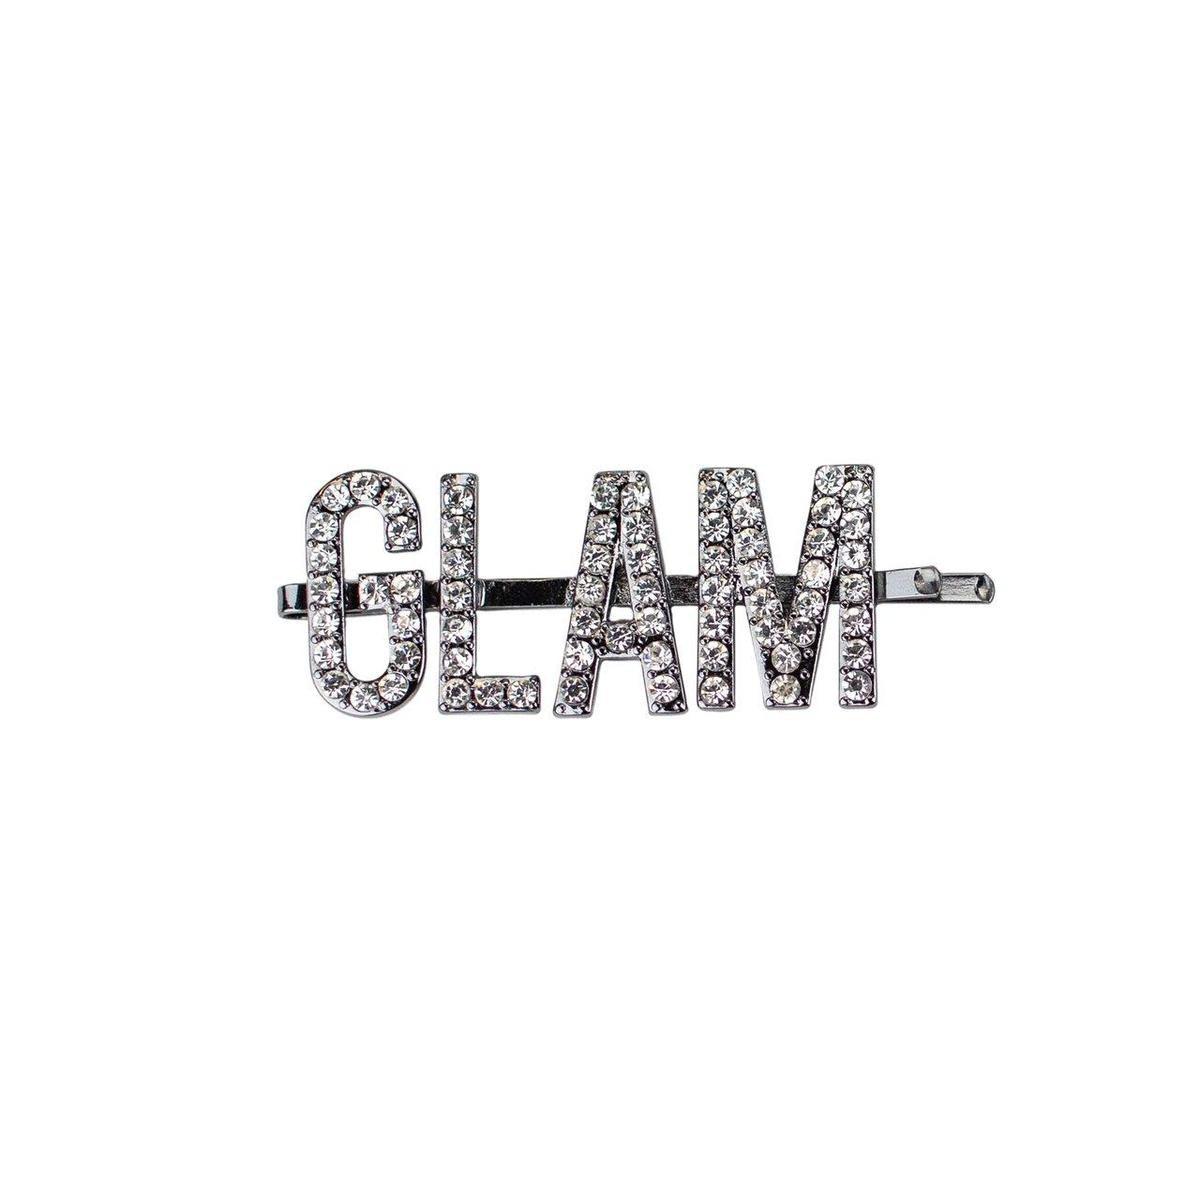 Glam Rhinestone Bobby Pin